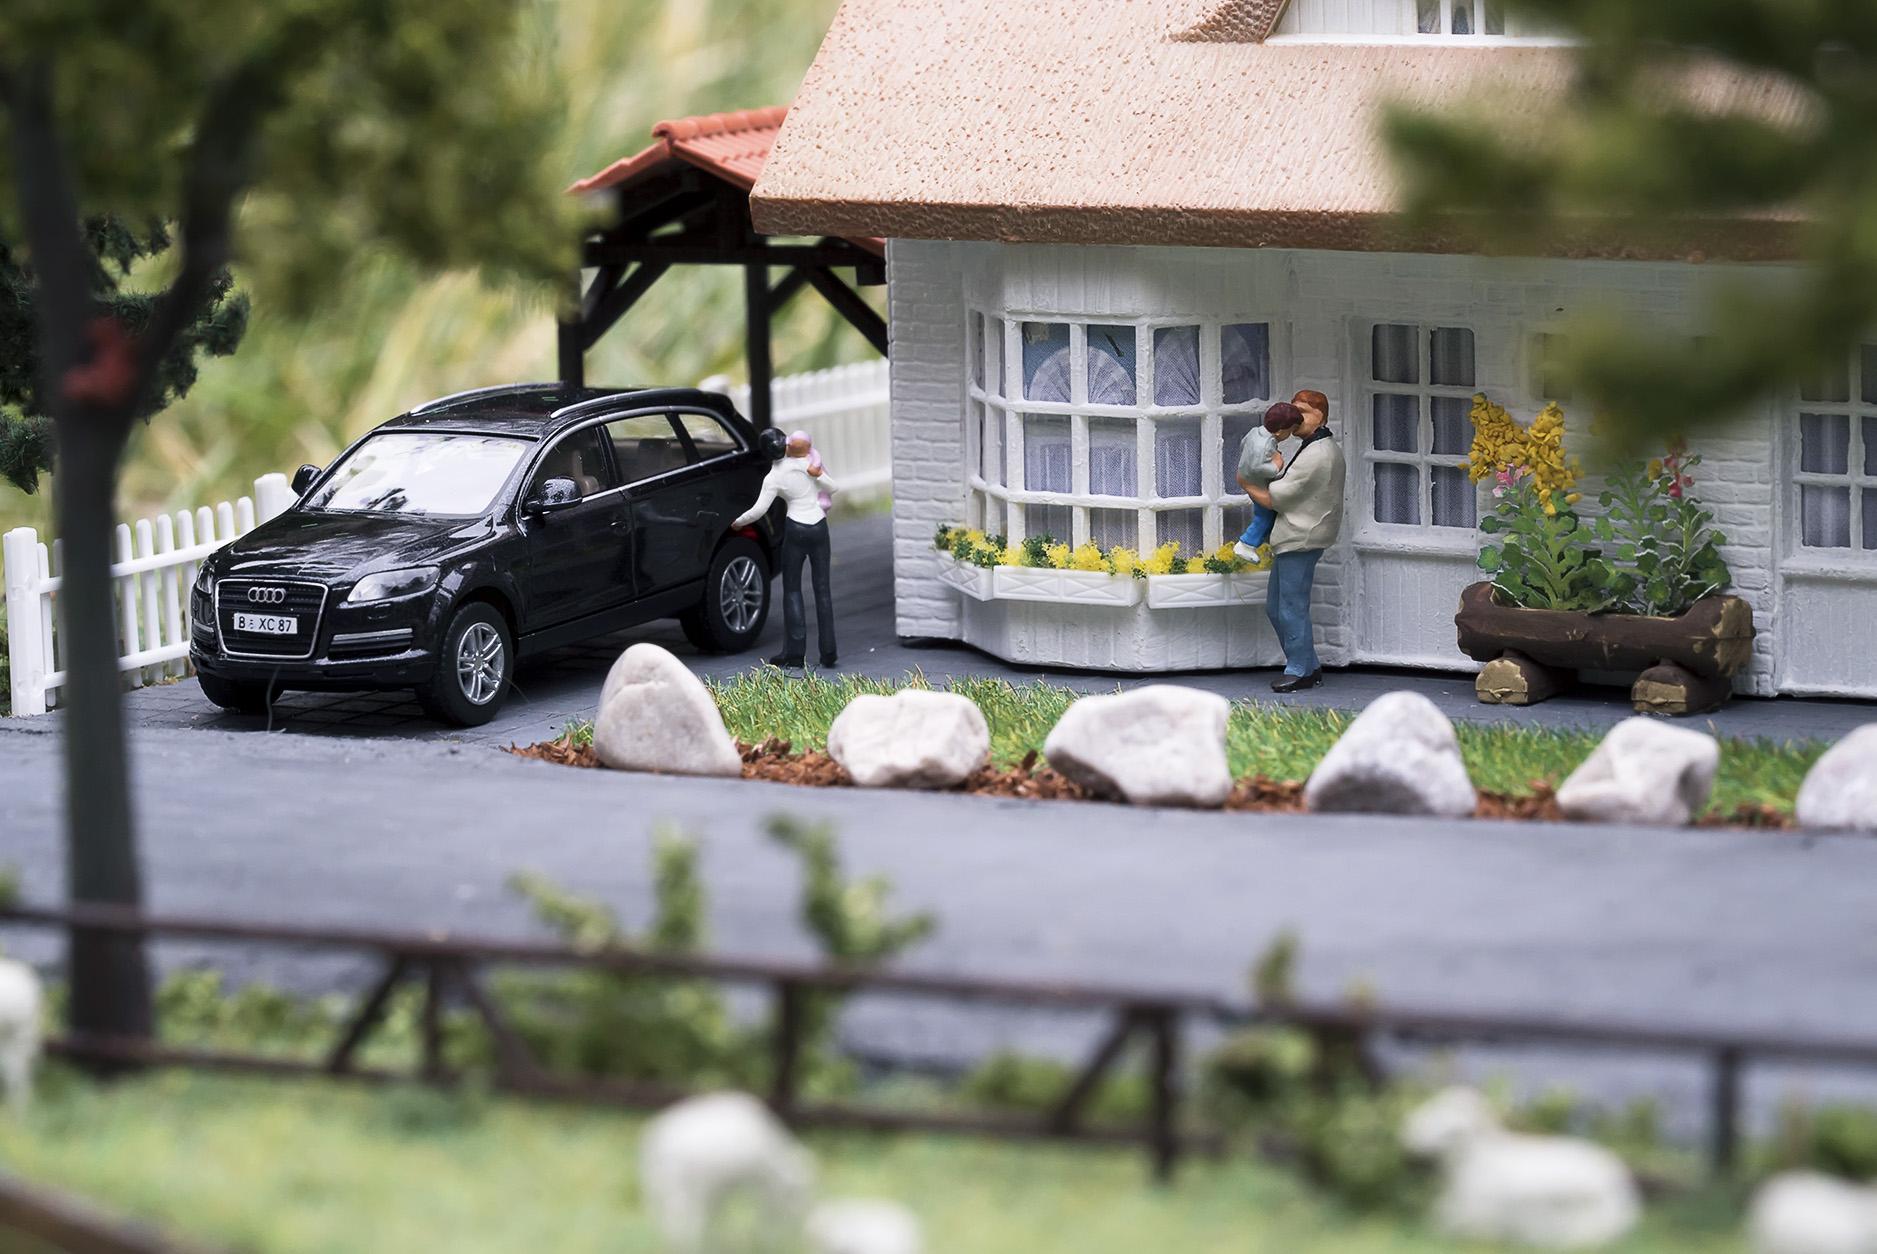 modellinghour.com - special model - 02-02